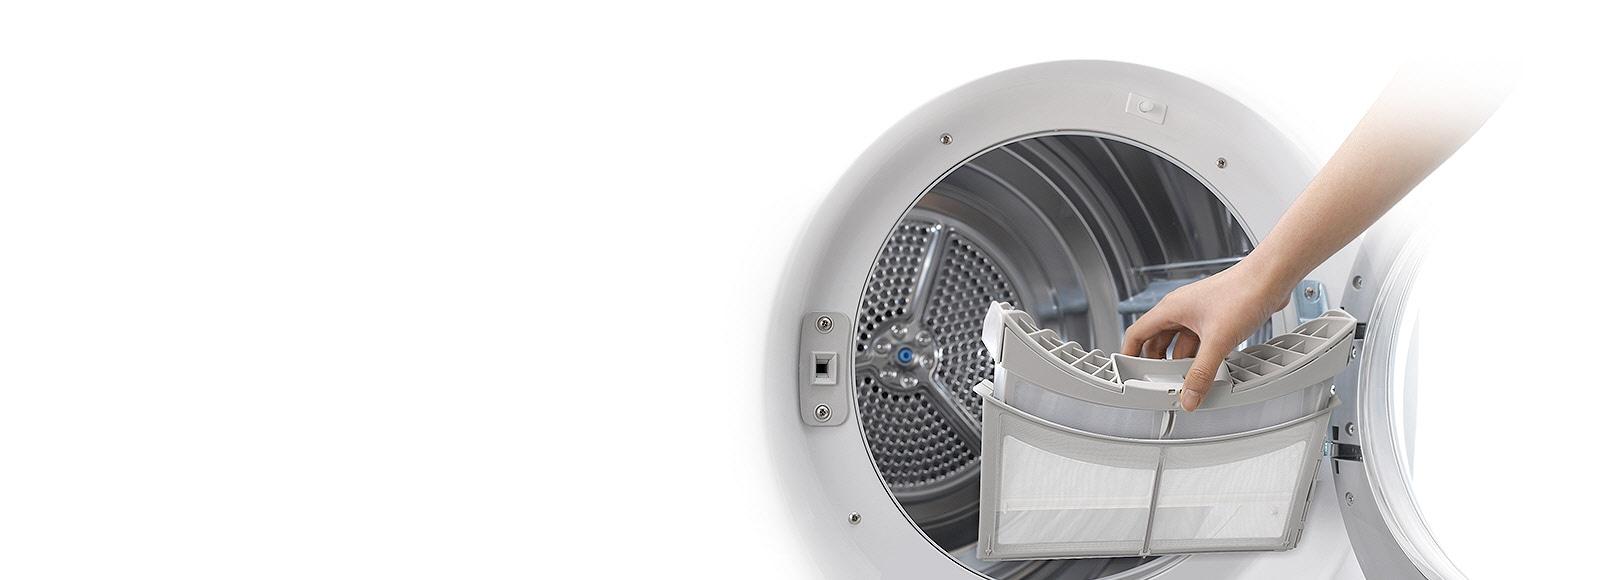 TD-H9066WS_Dryers_Always_Keep_Clean_D